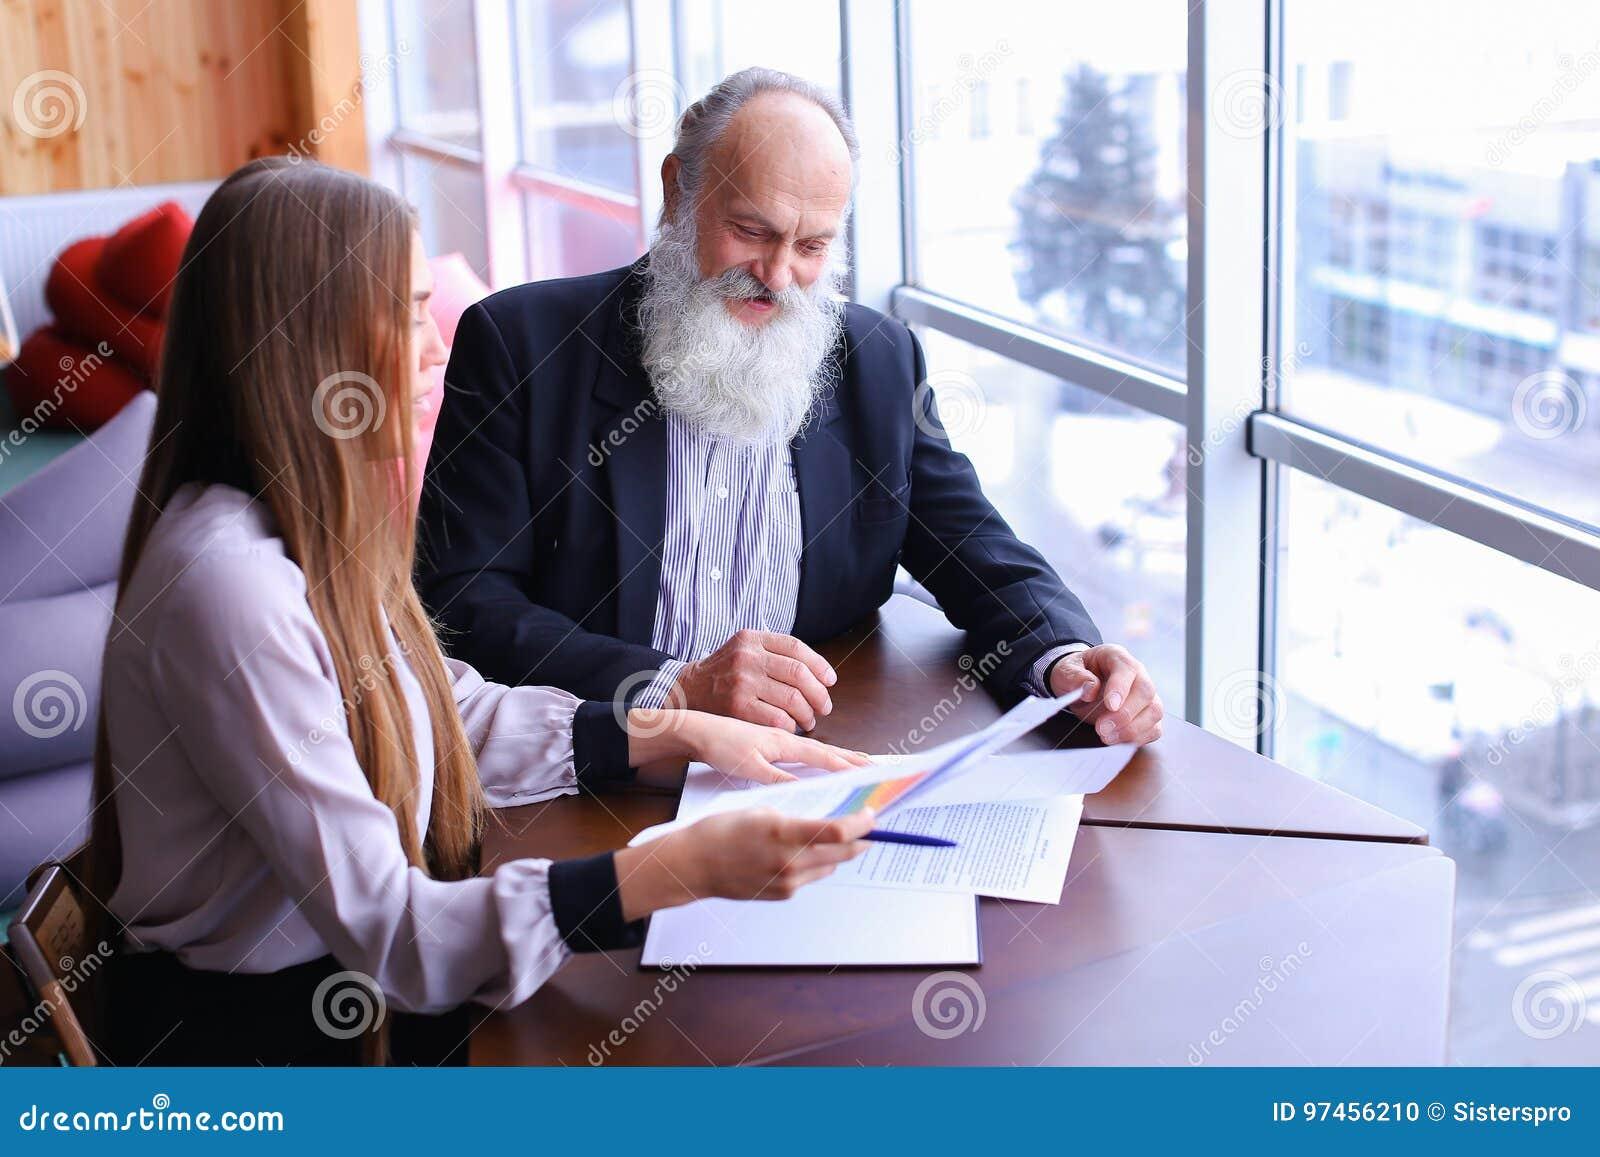 老练的商人退休了微笑并且与ne分享忠告